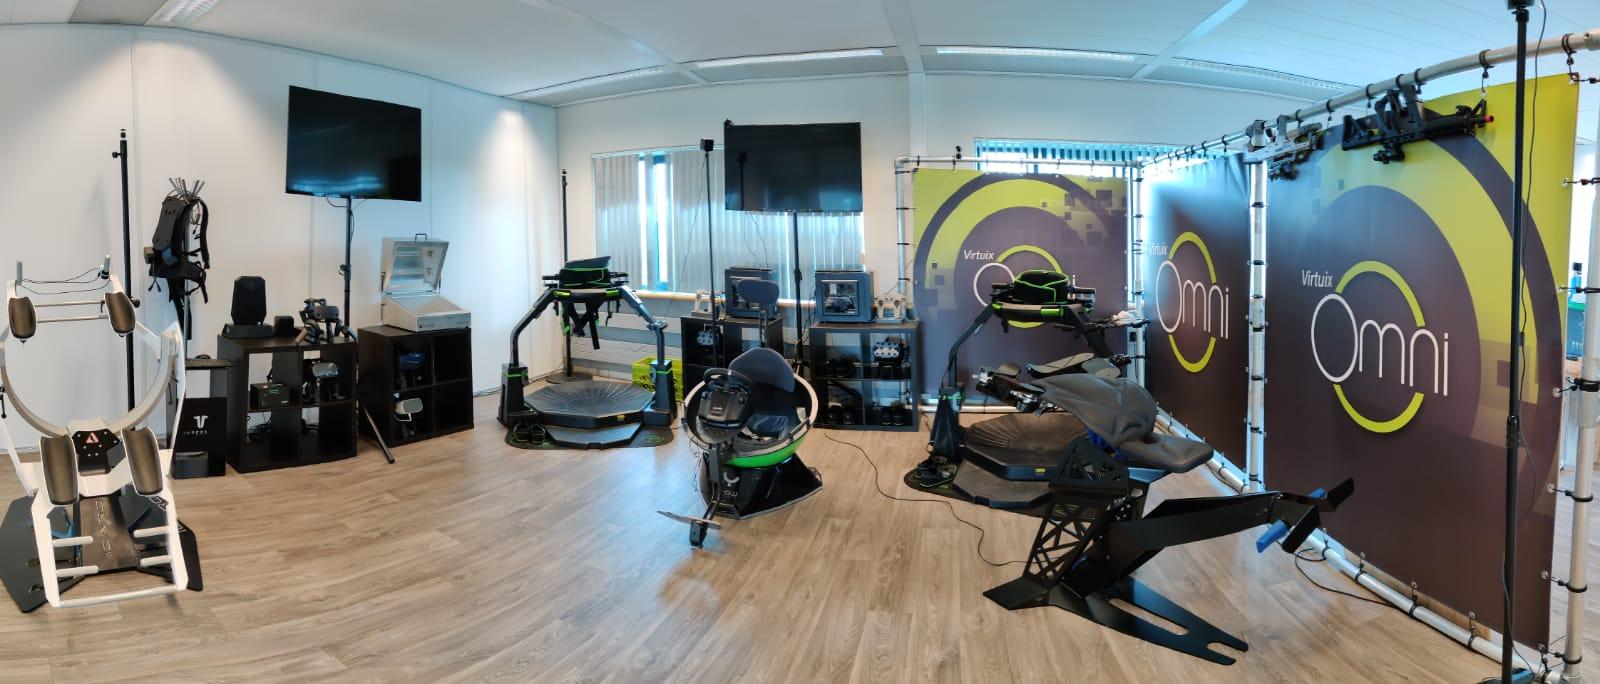 UnboundVR showroom